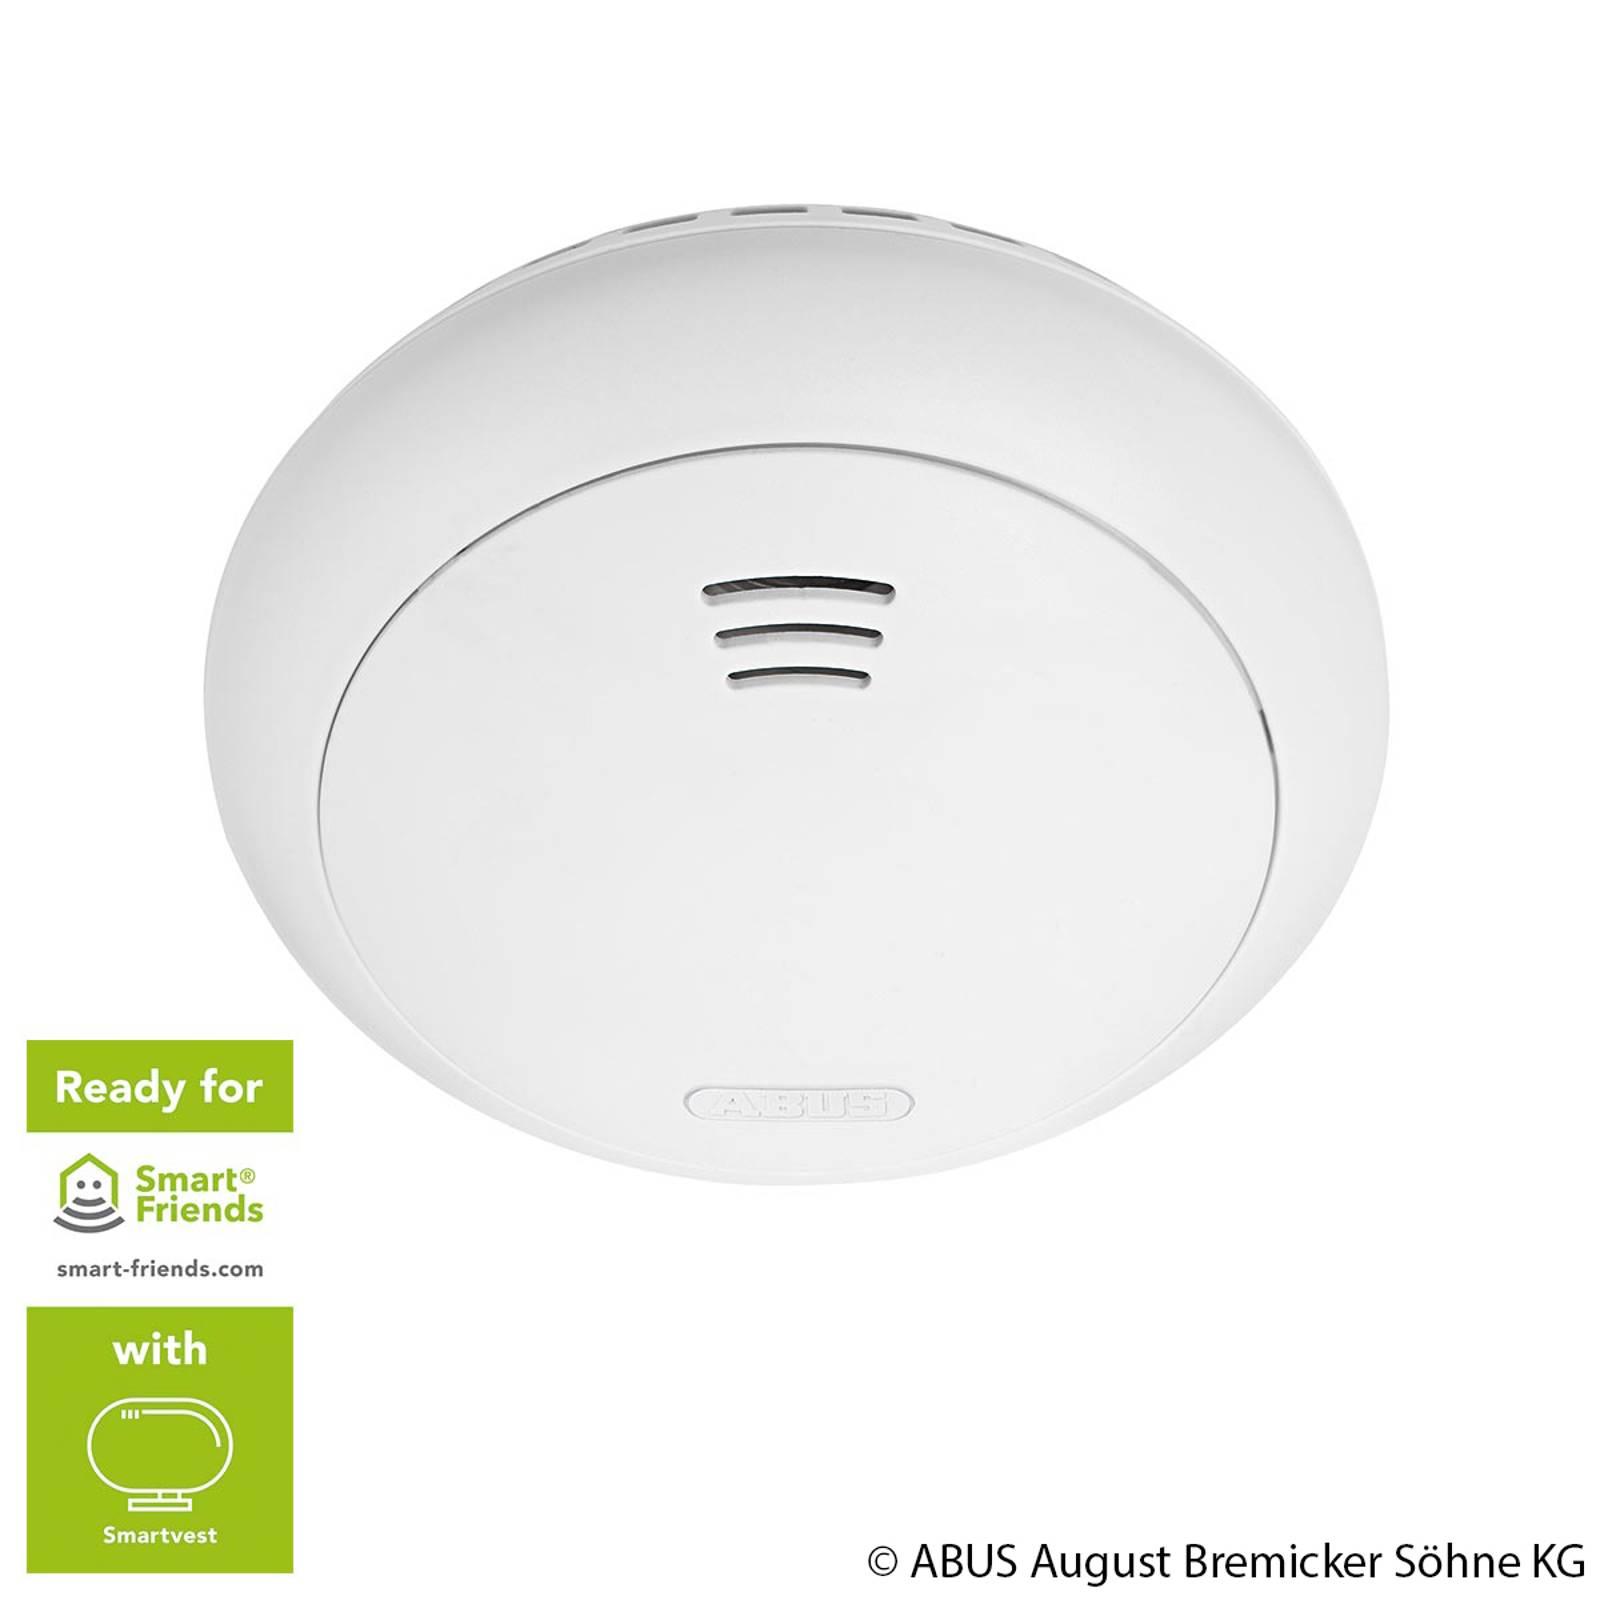 ABUS Smartvest trådlös rökdetektor värmedetektor